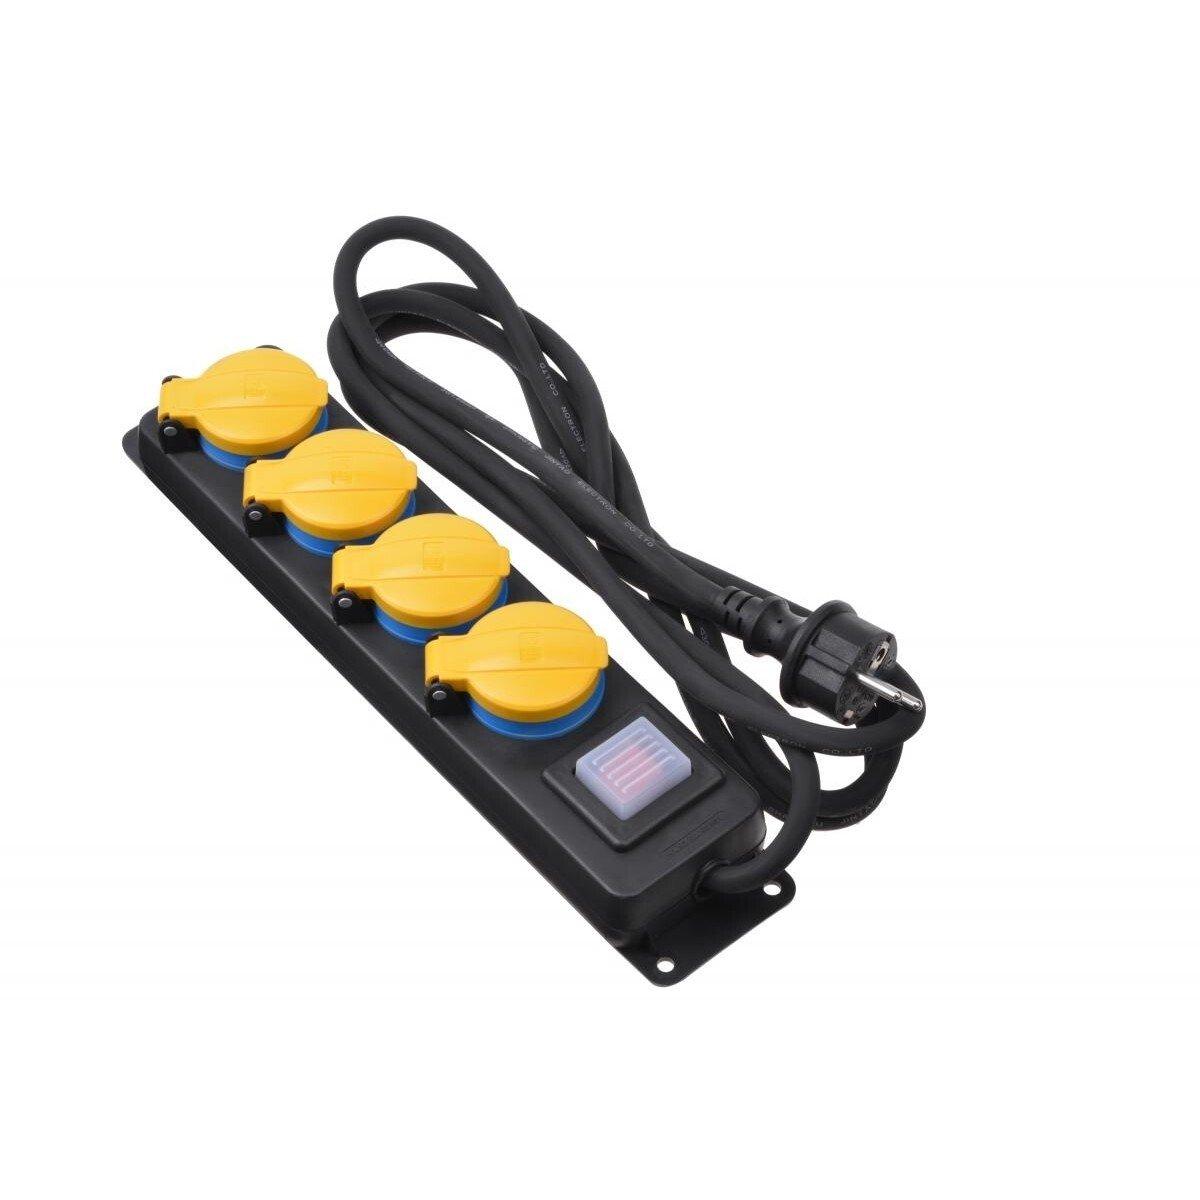 Сетевой фильтр 2Е 4xSchuko ІР44 с защитой, 3G1.5*3м, черный фото 1